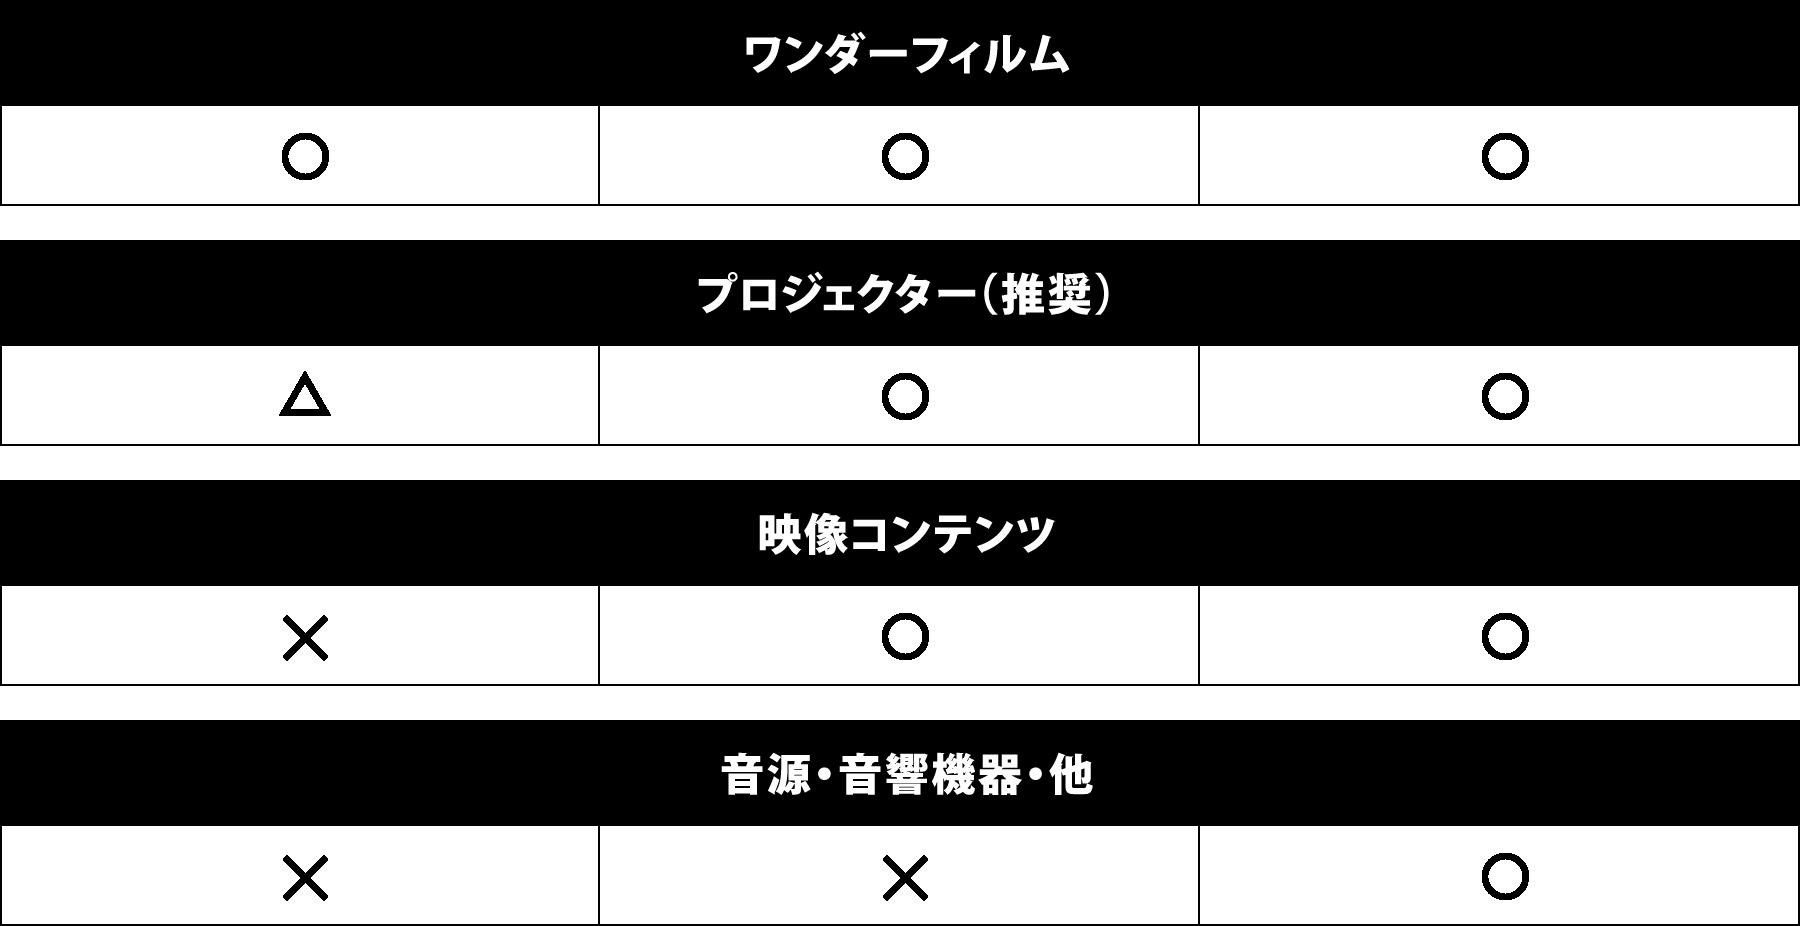 ワンダーフィルム プロジェクター(推奨) 映像コンテンツ 音源+音響・他設備